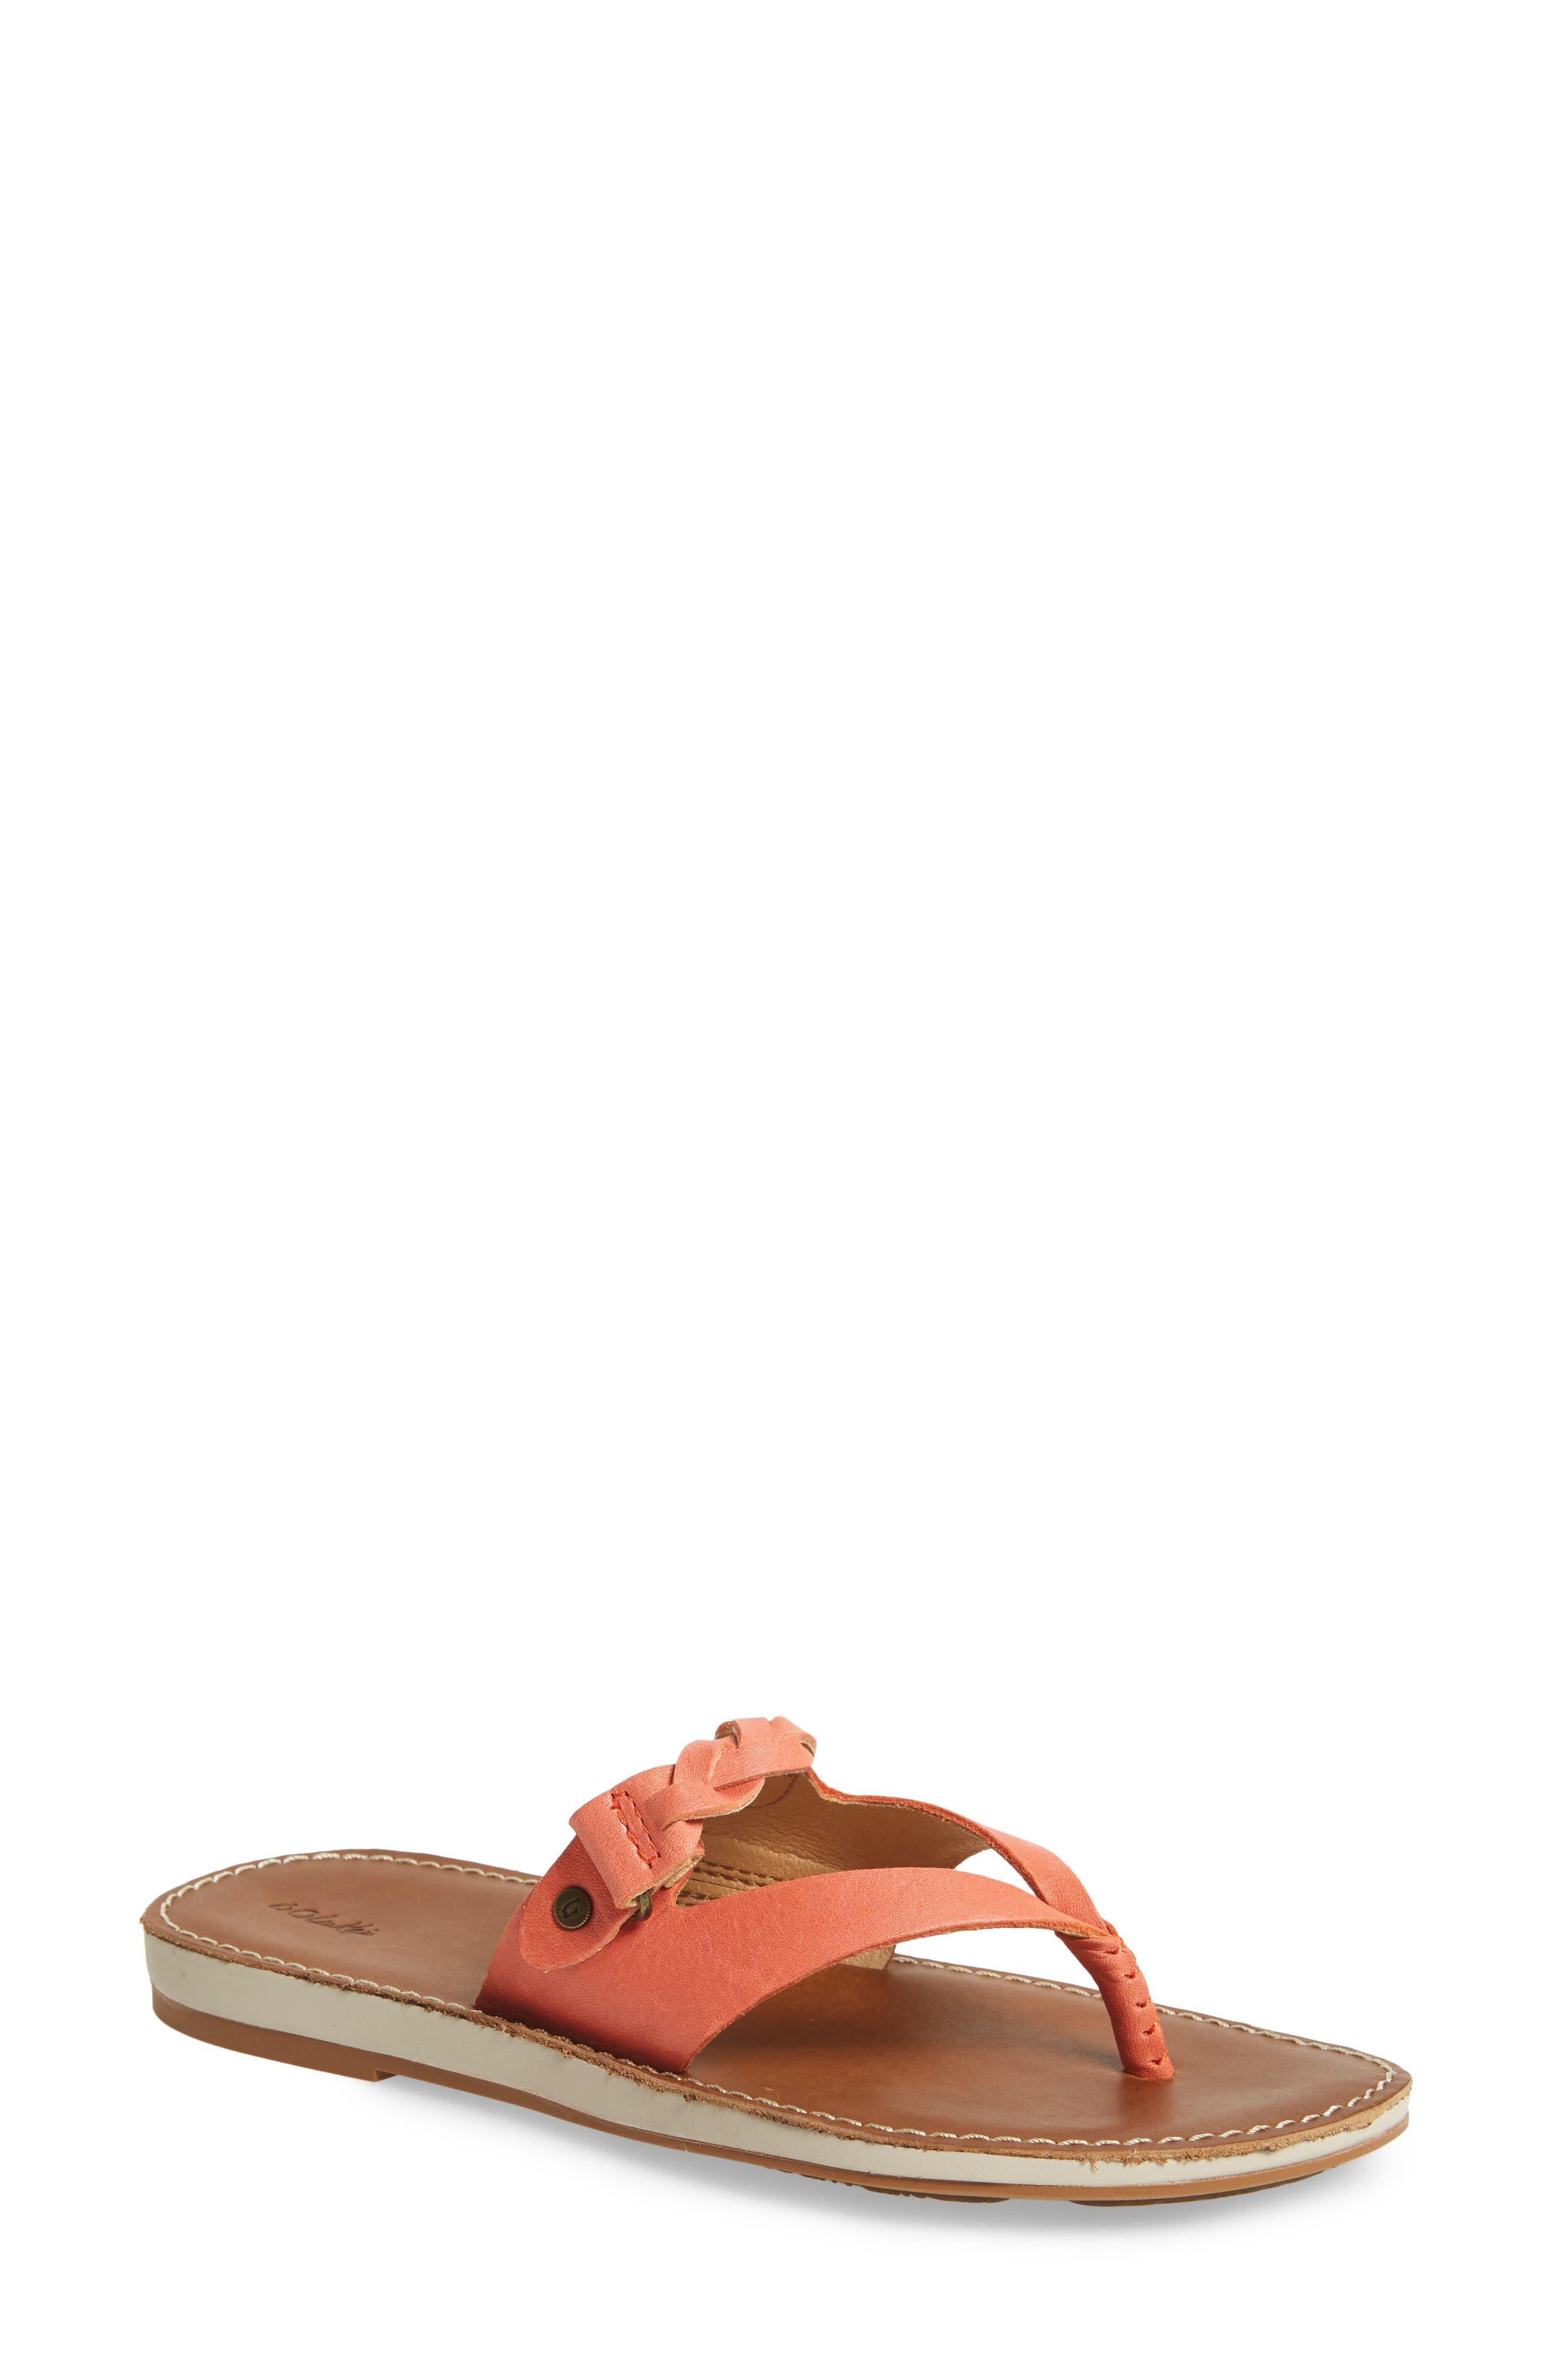 Kahikolu Flip Flop,                             Main thumbnail 1, color,                             Peach/ Tan Leather